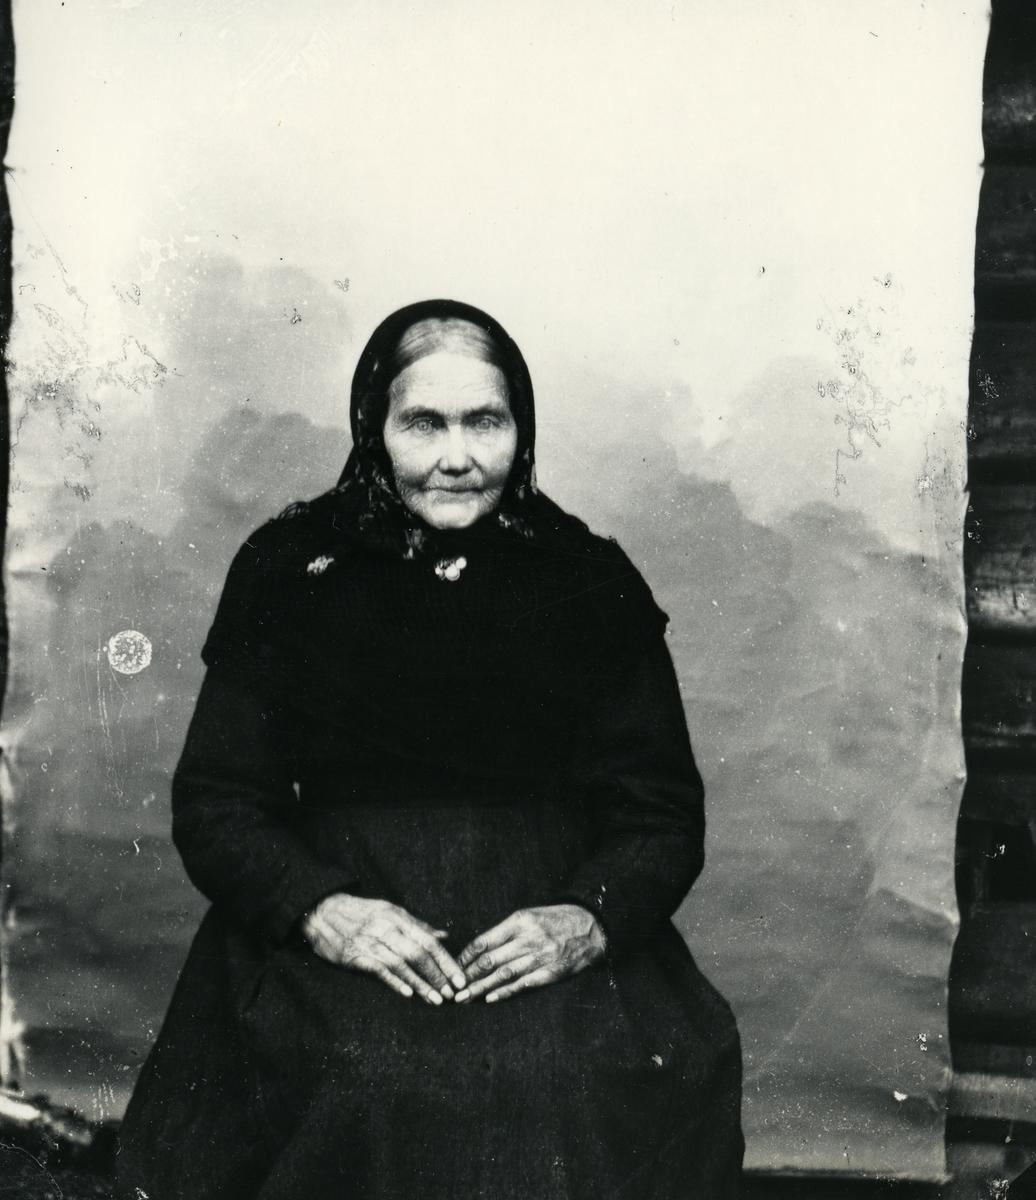 Eldre kvinne med skaut, sittende foran lerret